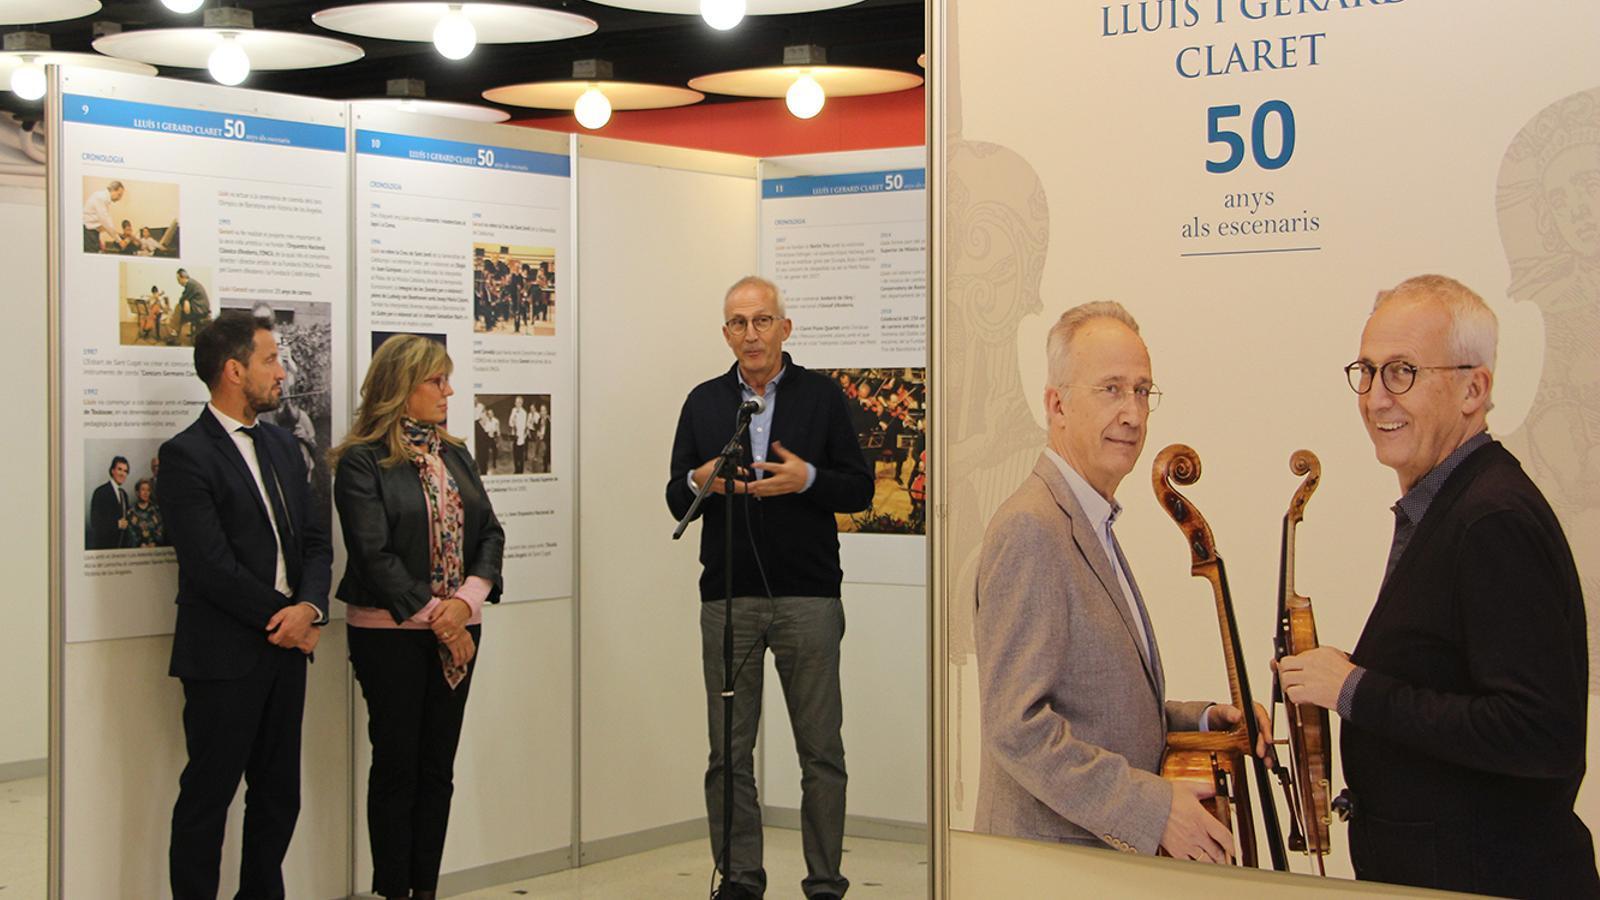 Gerard Claret durant el seu parlament en la inauguració de la mostra. / M. F. (ANA)